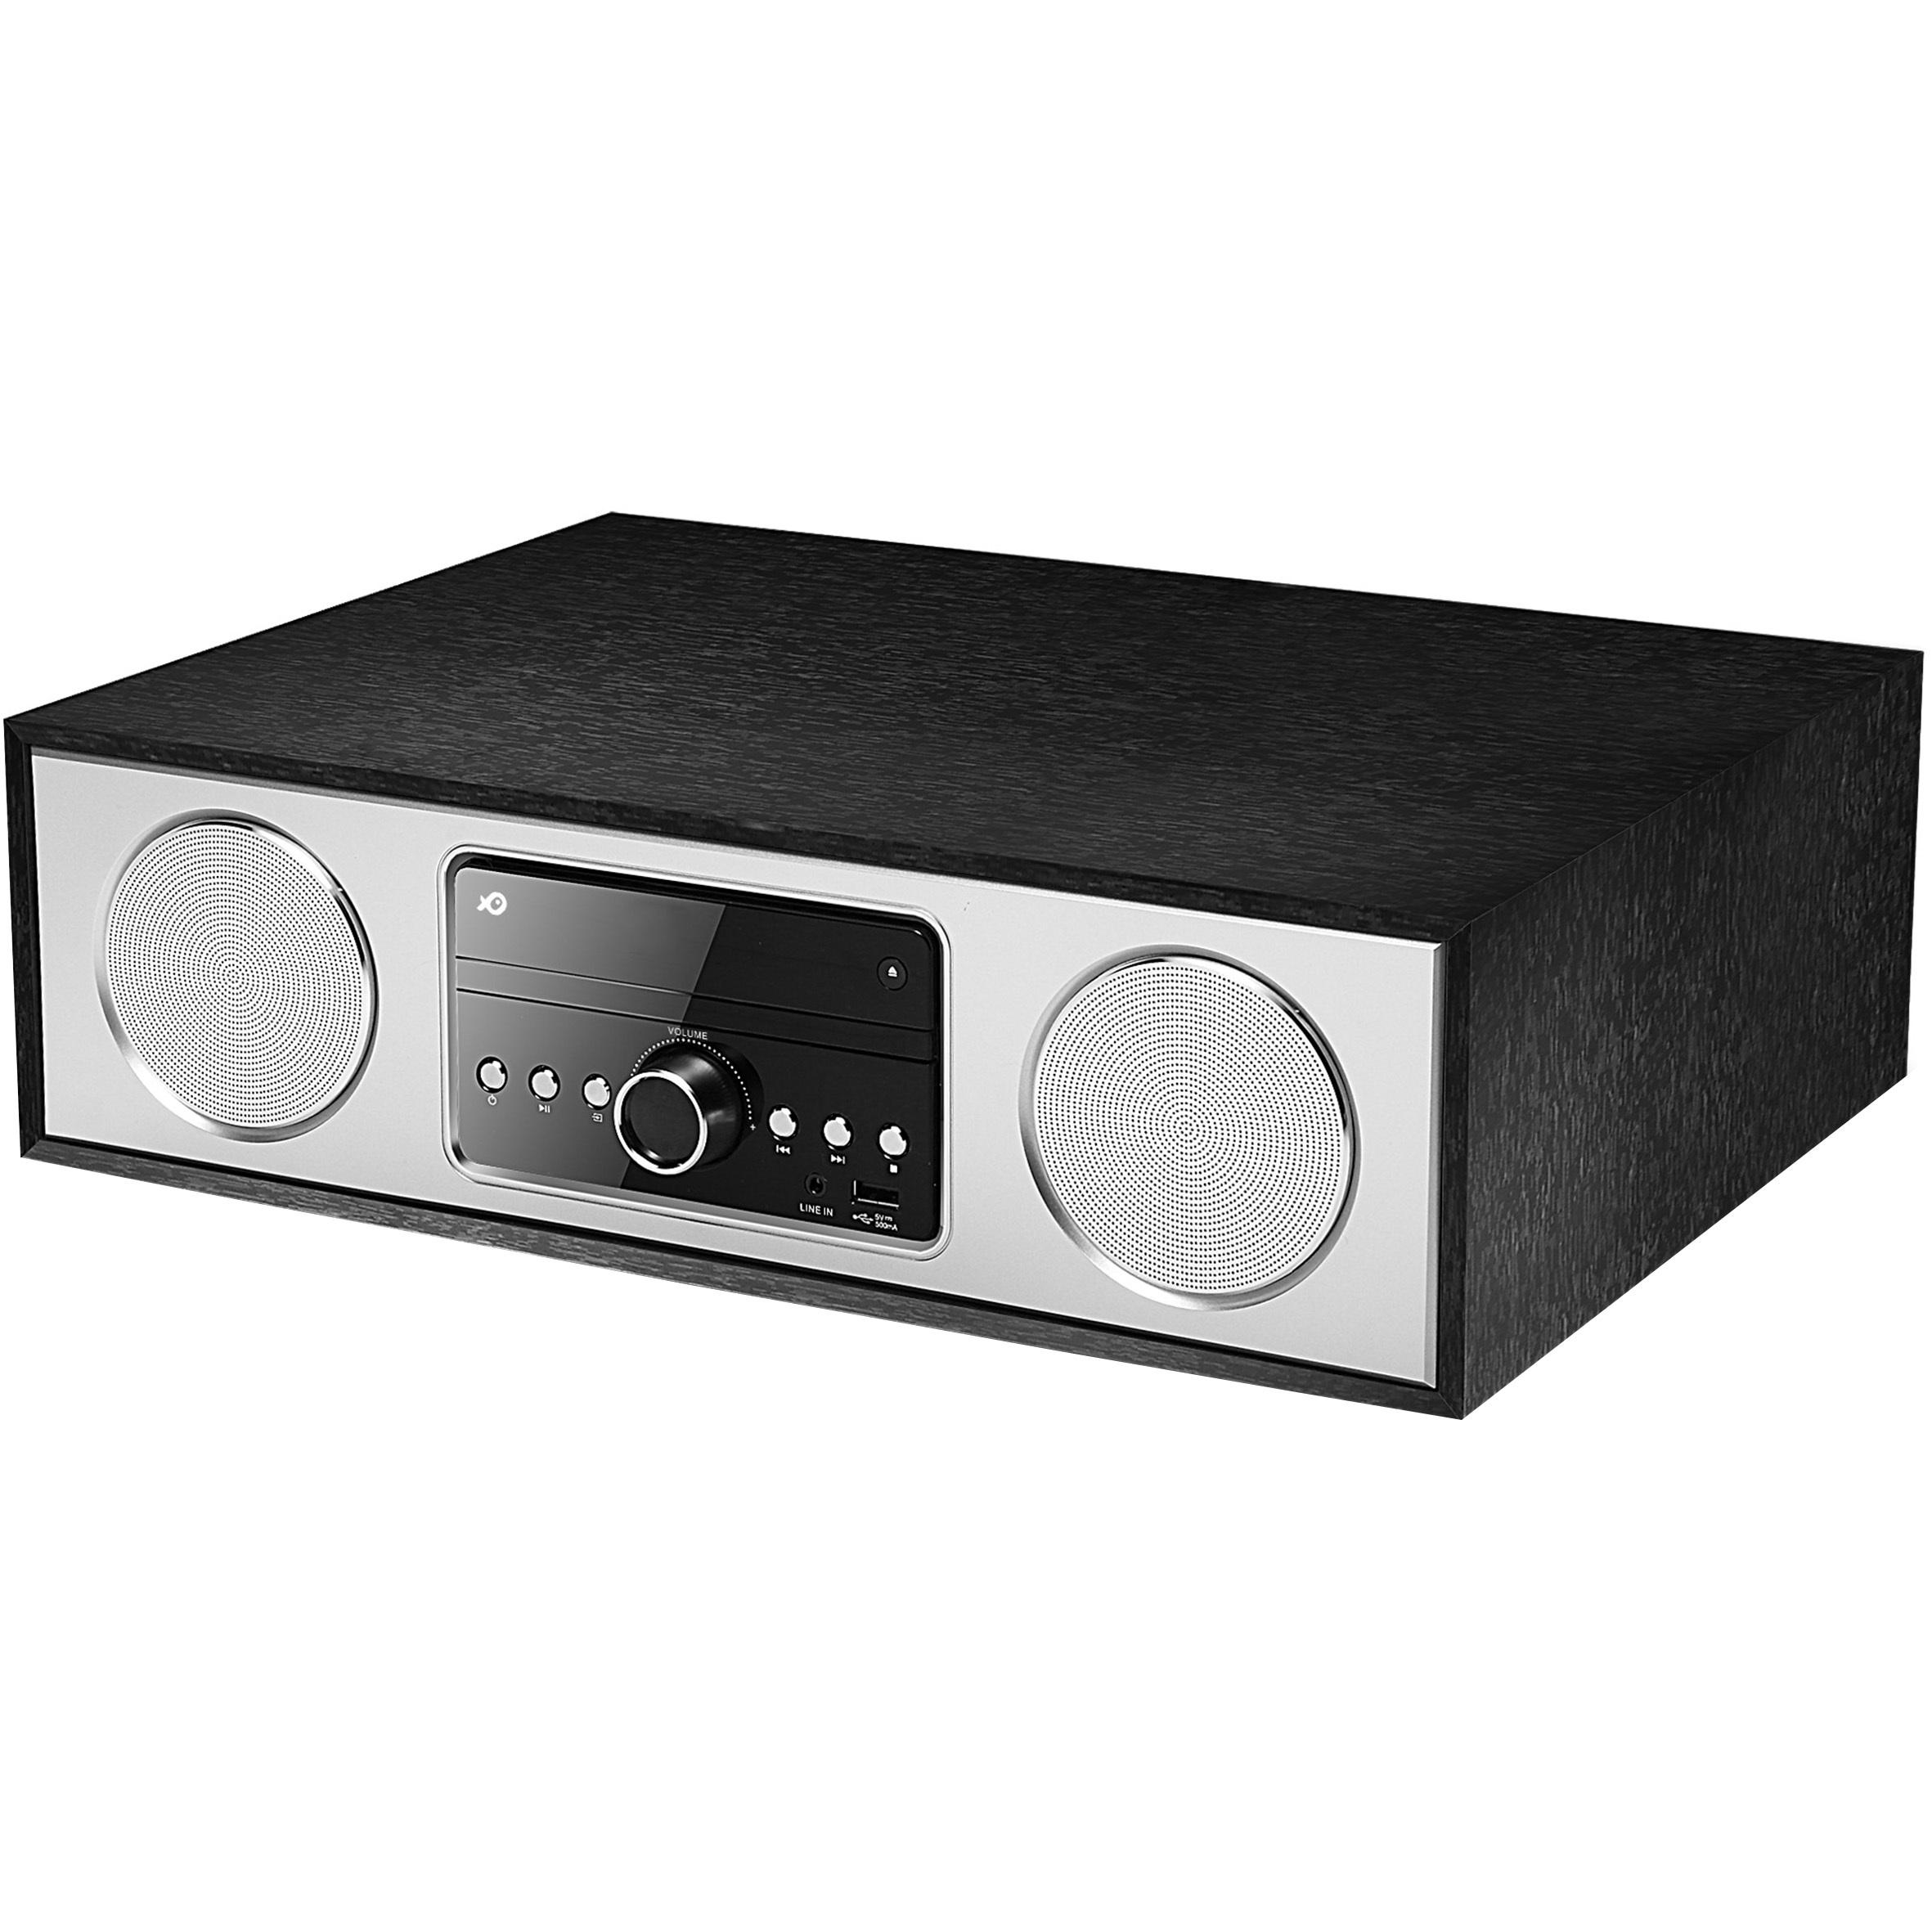 POSS Micro-chaîne CD - PSHS60 - Noir